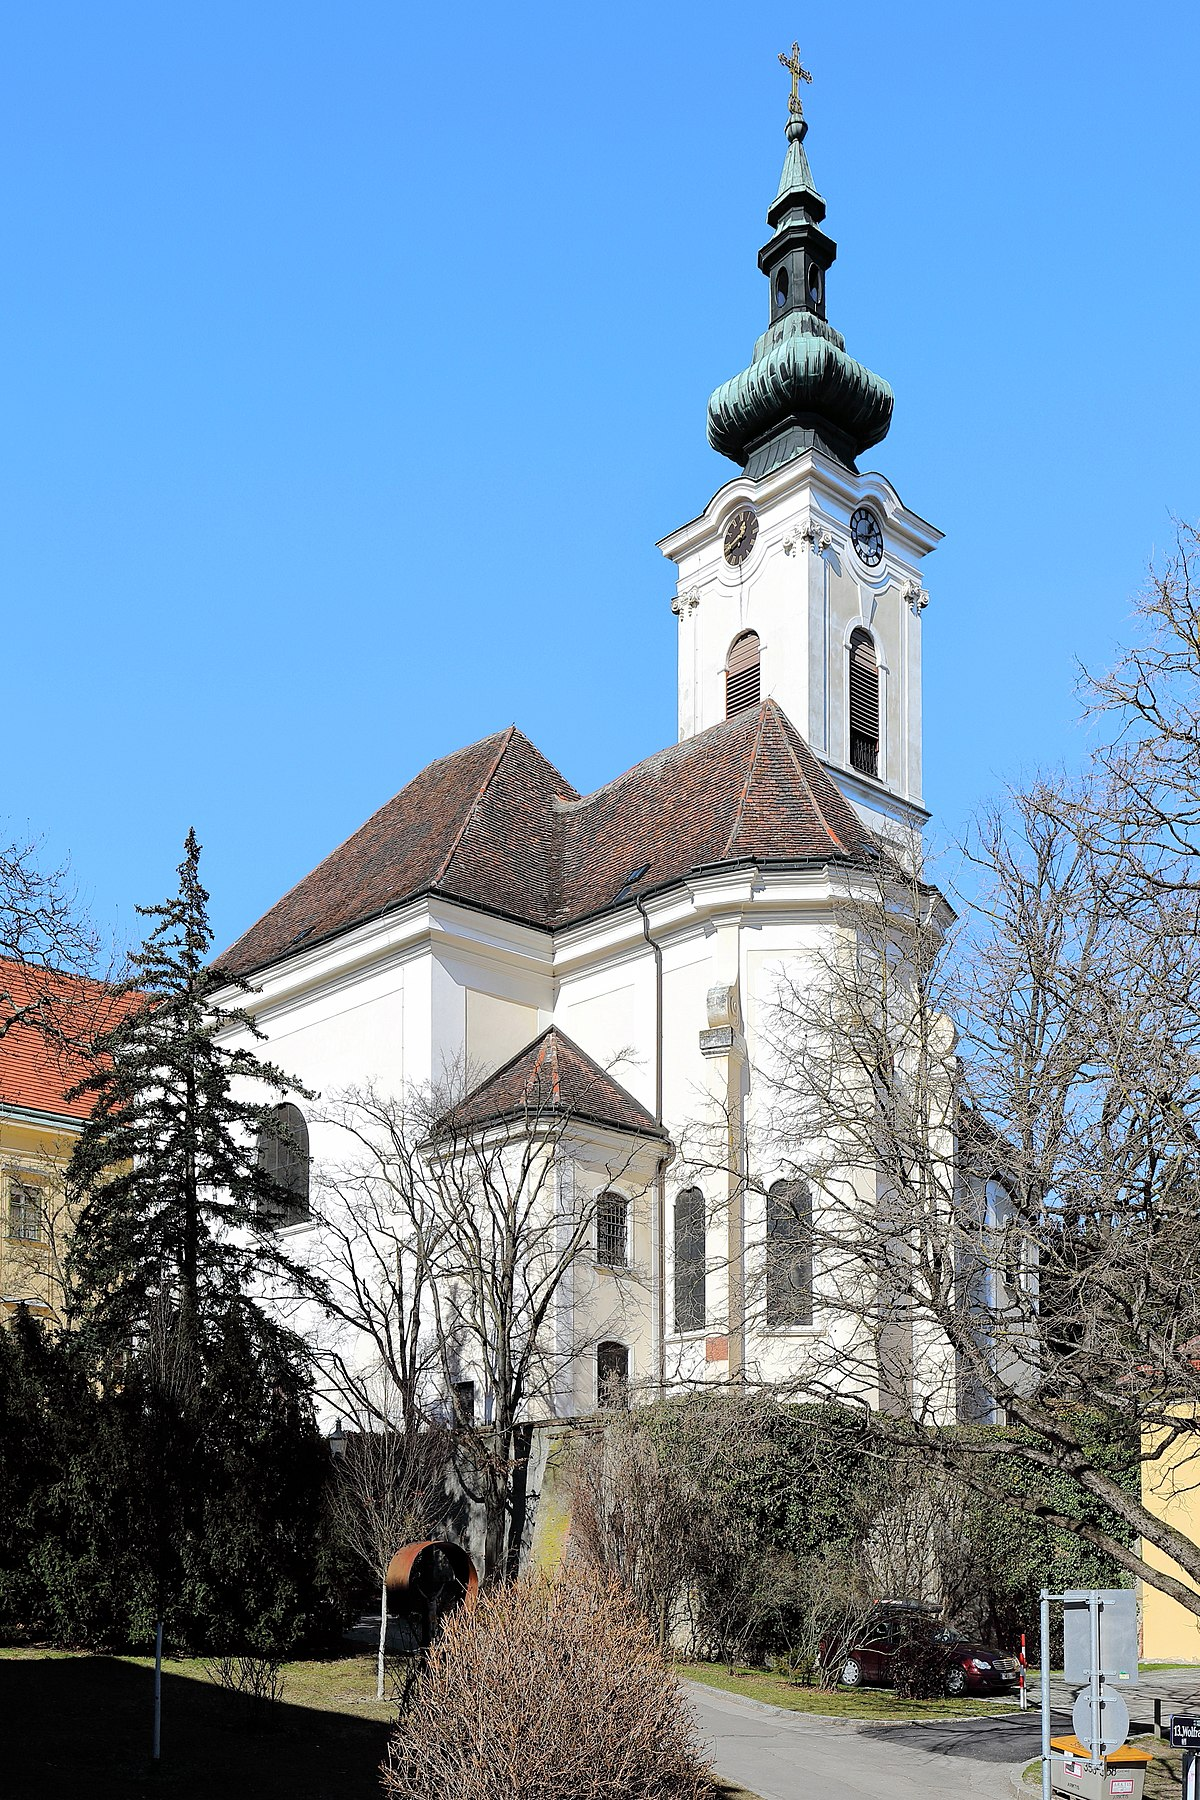 Ober St Veiter Pfarrkirche  Wikipedia